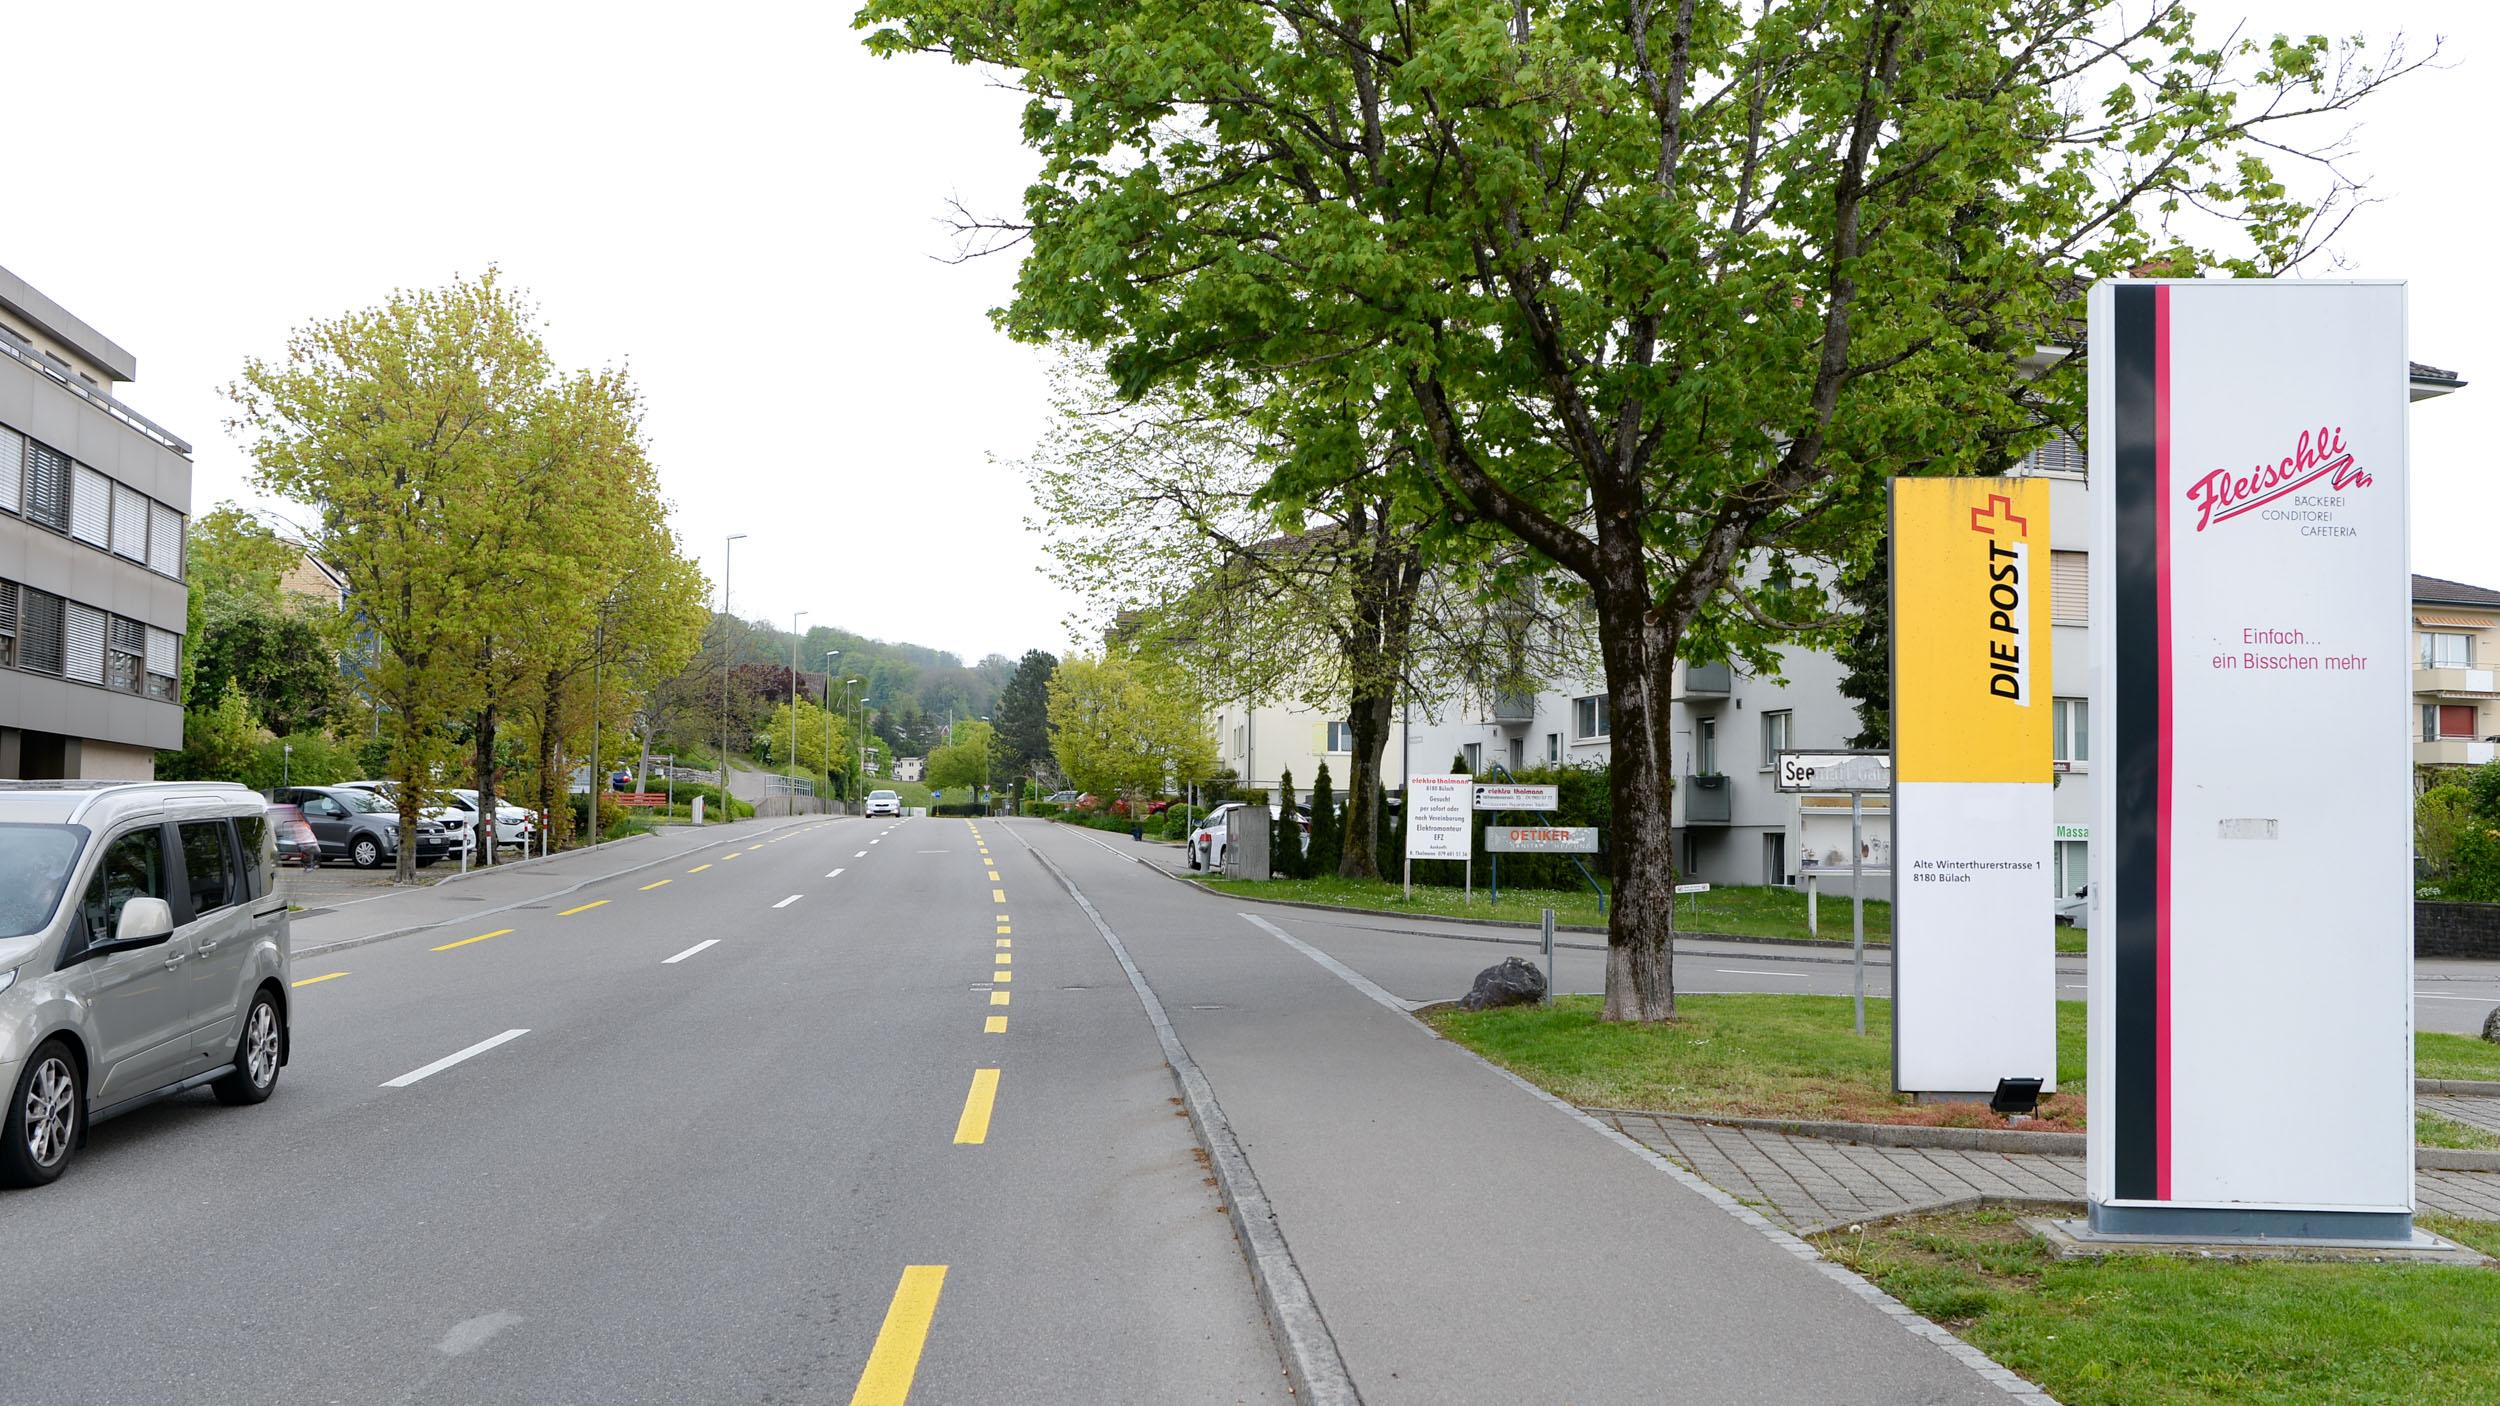 Anfahrt via Schaffhauserstrasse